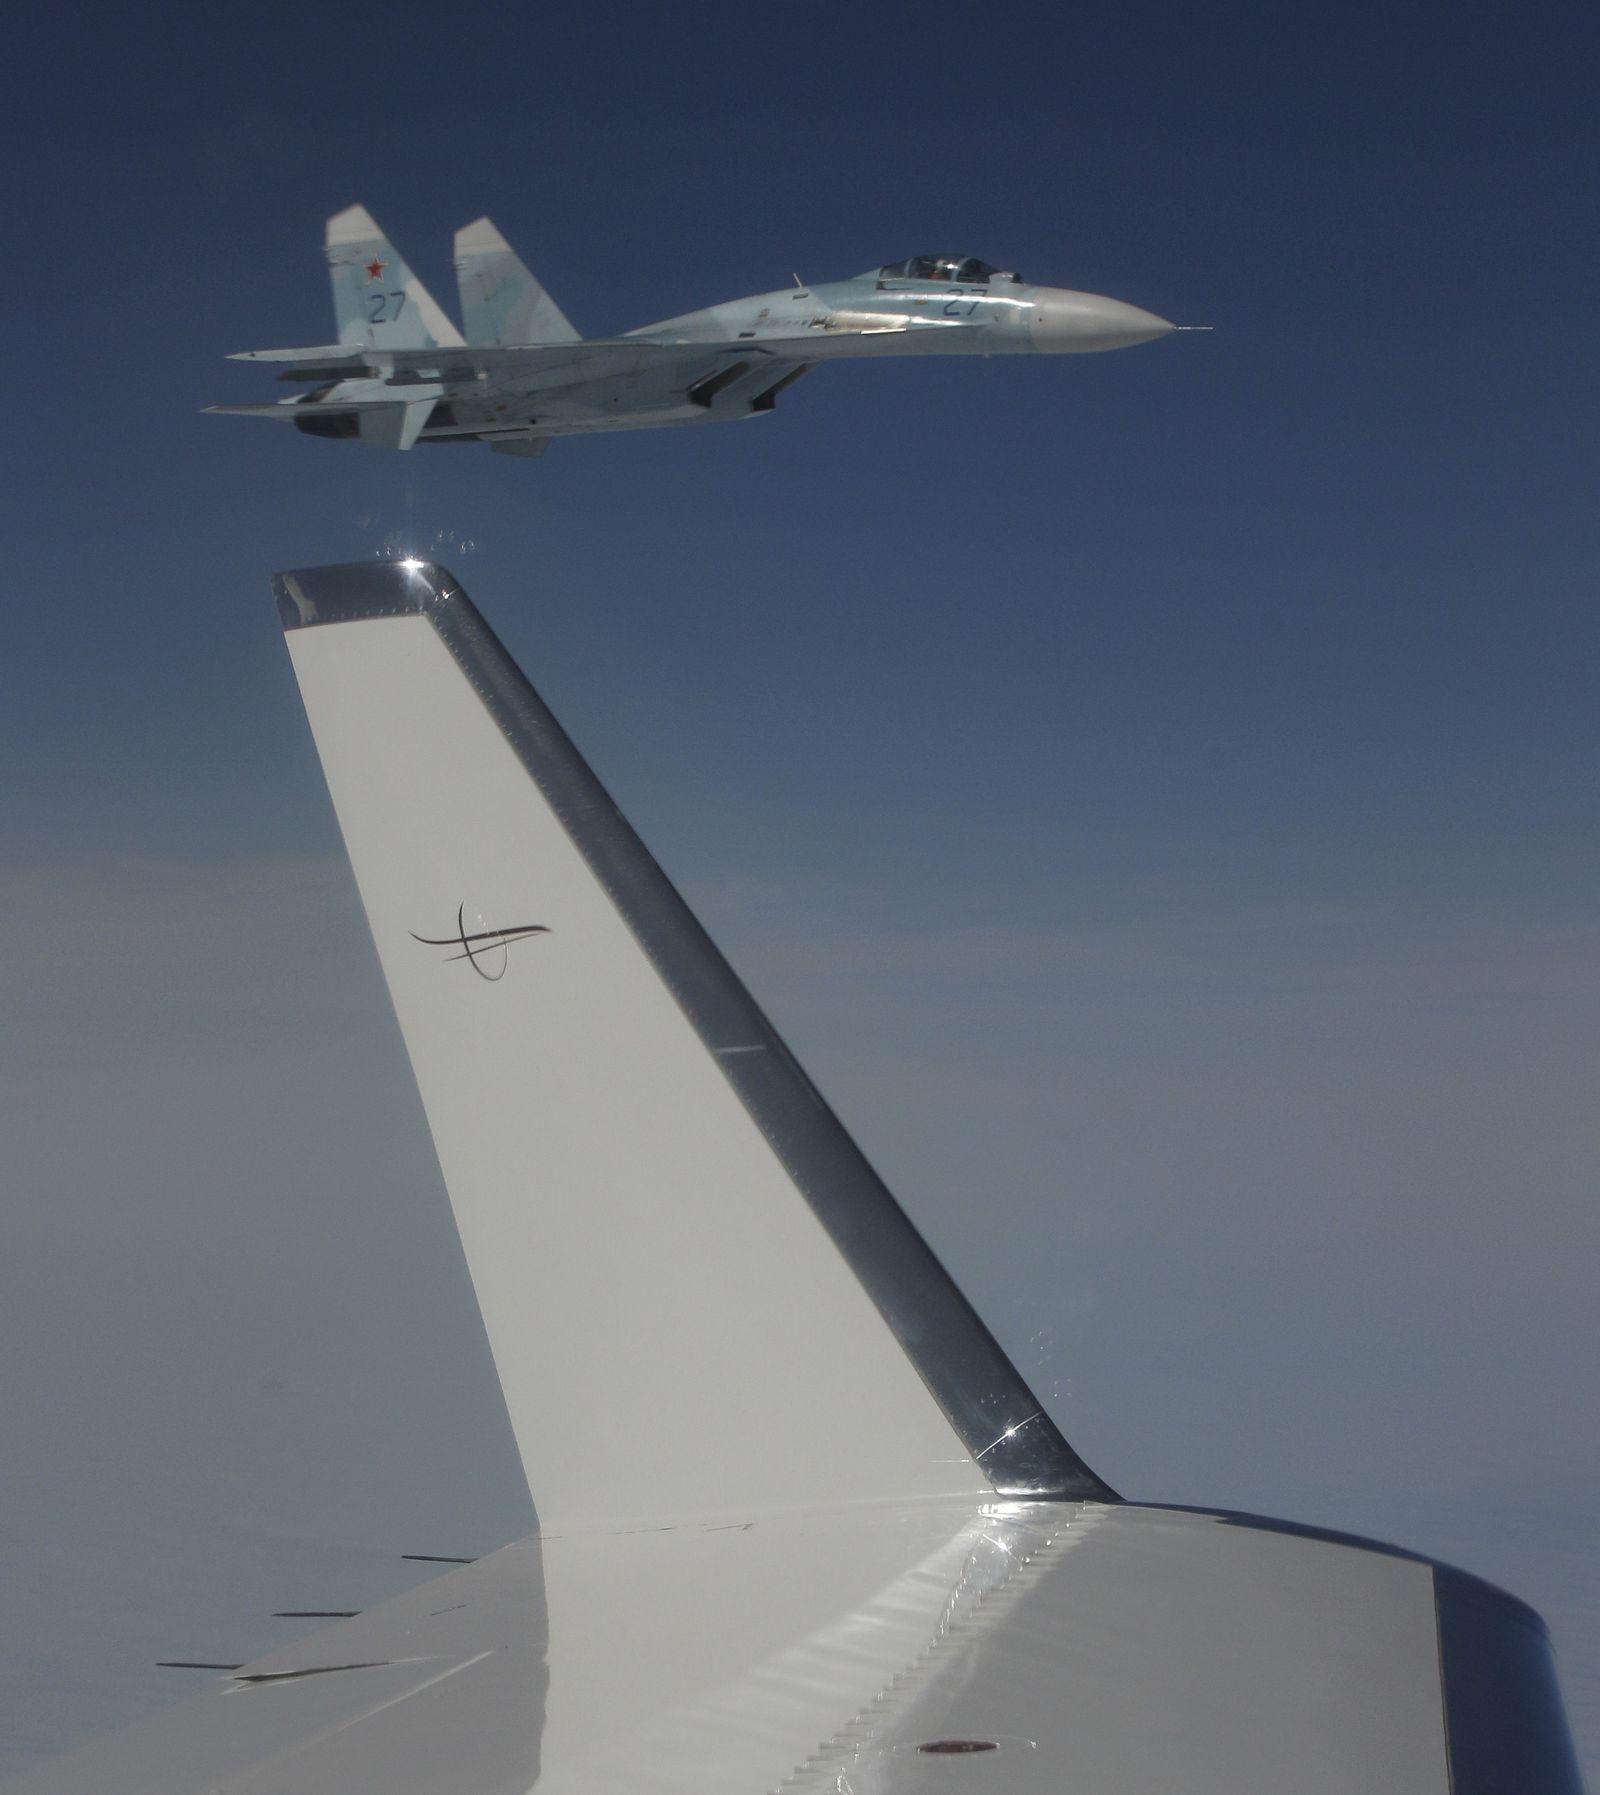 Russischer Kampfjet Su-27 nähert sich Air Force RC-135U